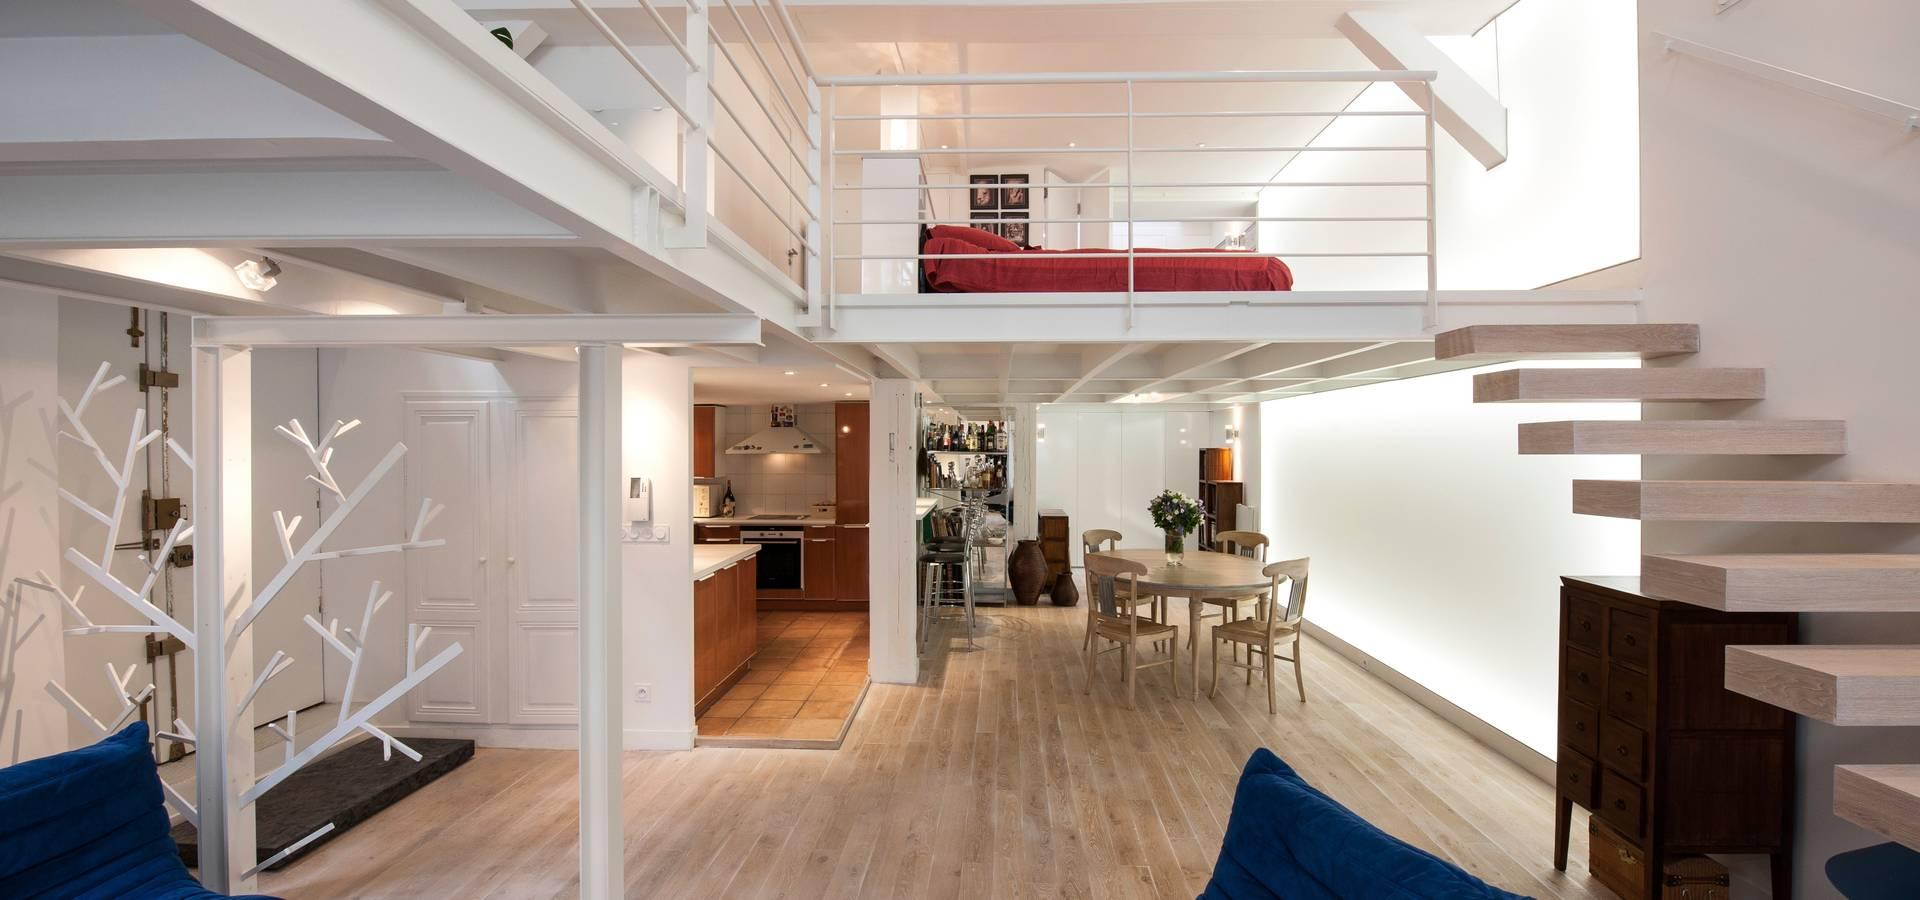 fables de murs architectes d 39 int rieur paris sur homify. Black Bedroom Furniture Sets. Home Design Ideas